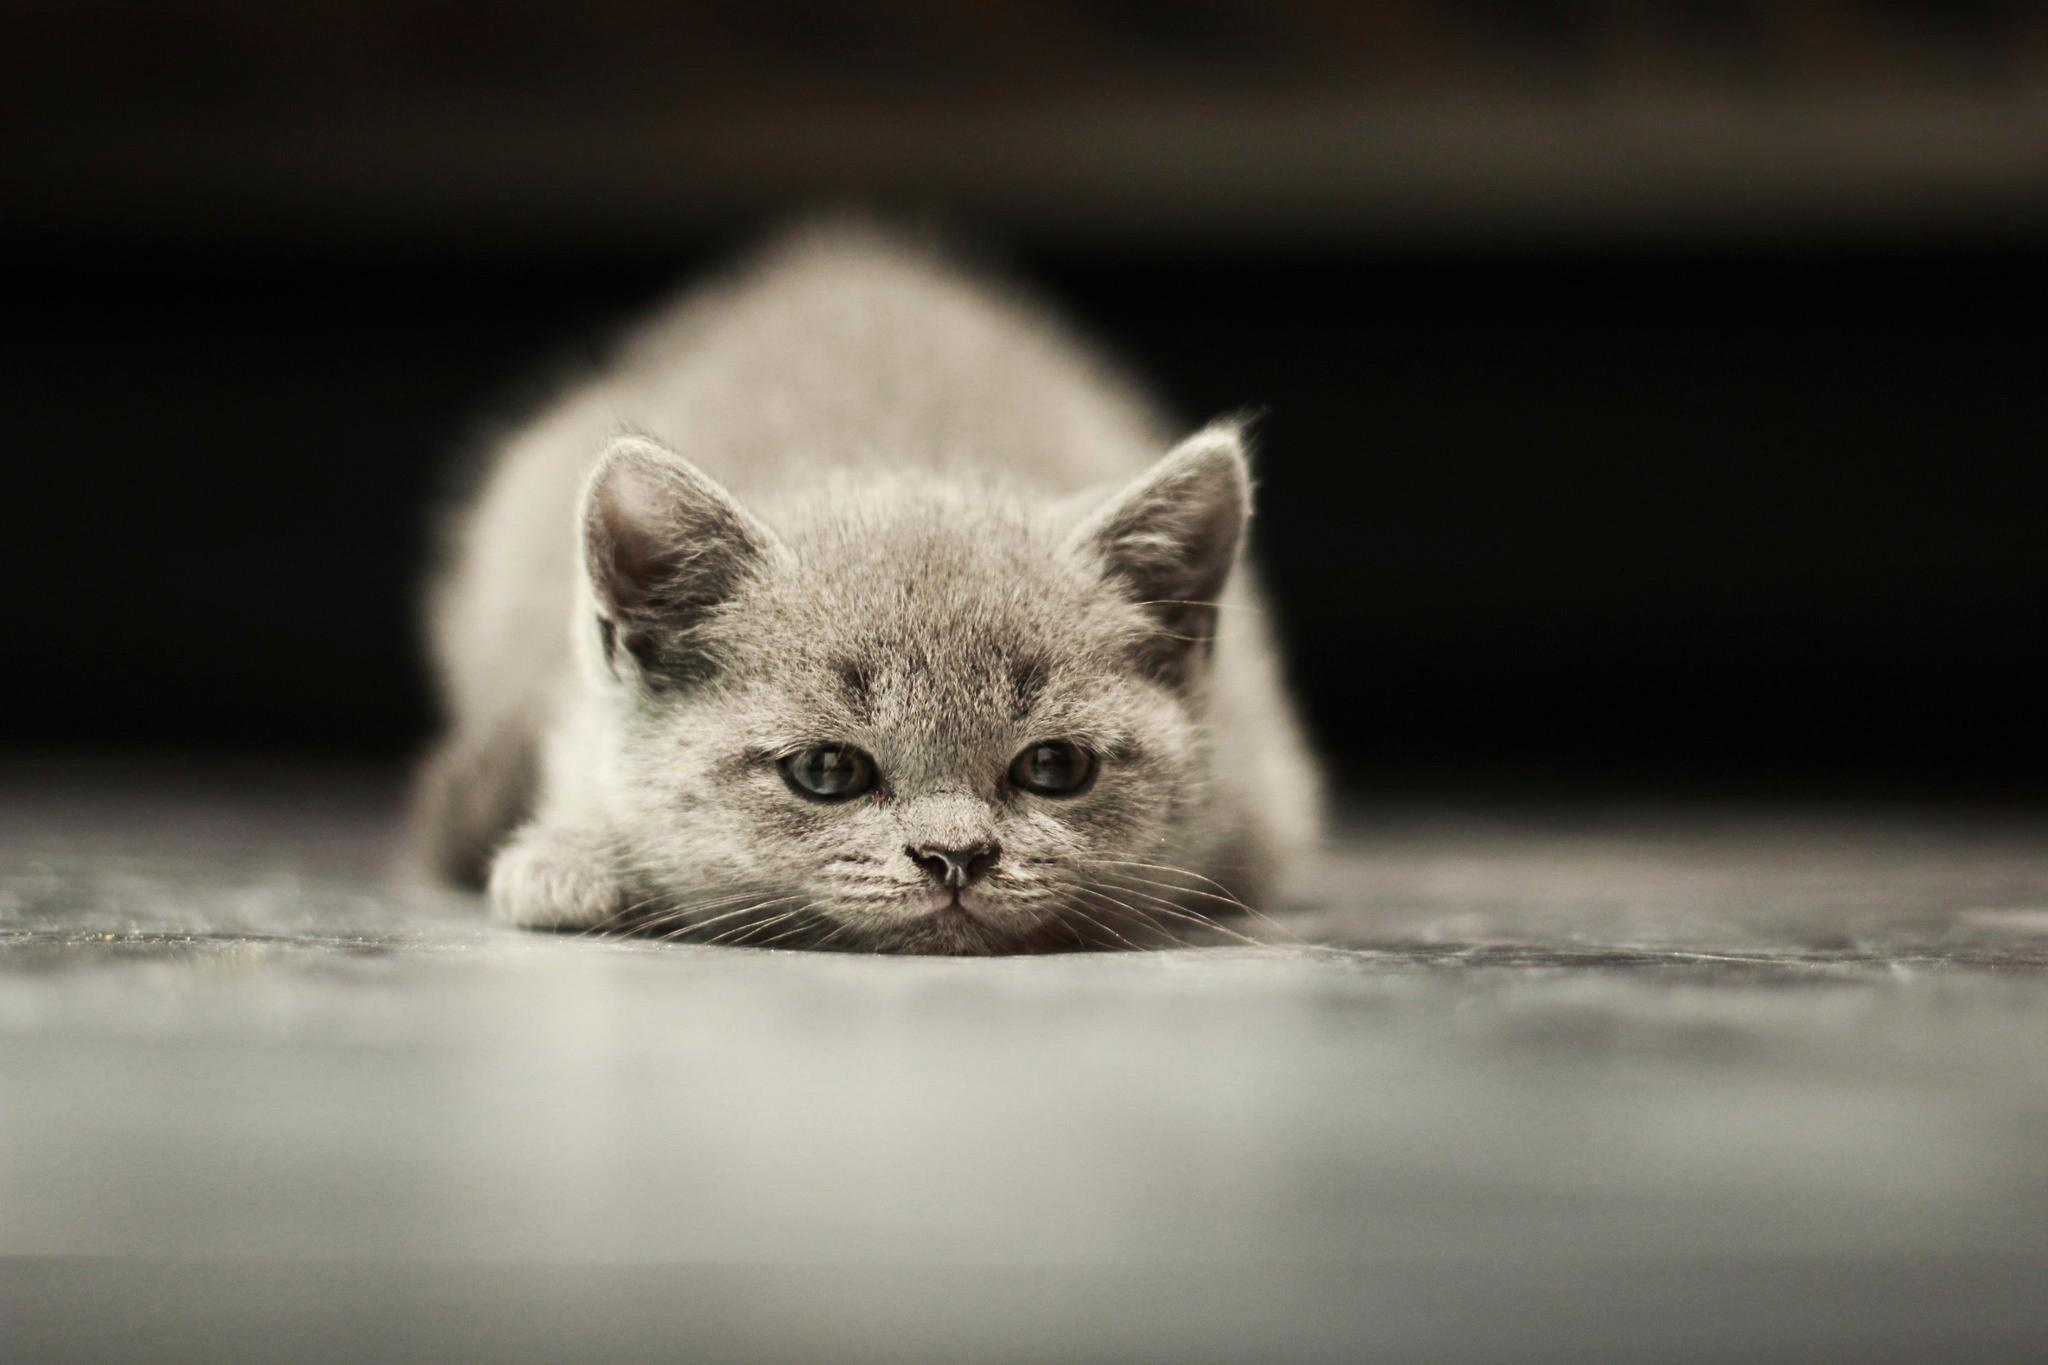 デスクトップ壁紙 ネコ モノクロ ウィスカー グレー 嘘つき 子猫 キッド 動物相 哺乳類 黒と白 脊椎動物 閉じる 哺乳動物のような猫 中型から中型の猫 カルニボラン 48x1365 Goodfon 5568 デスクトップ壁紙 Wallhere